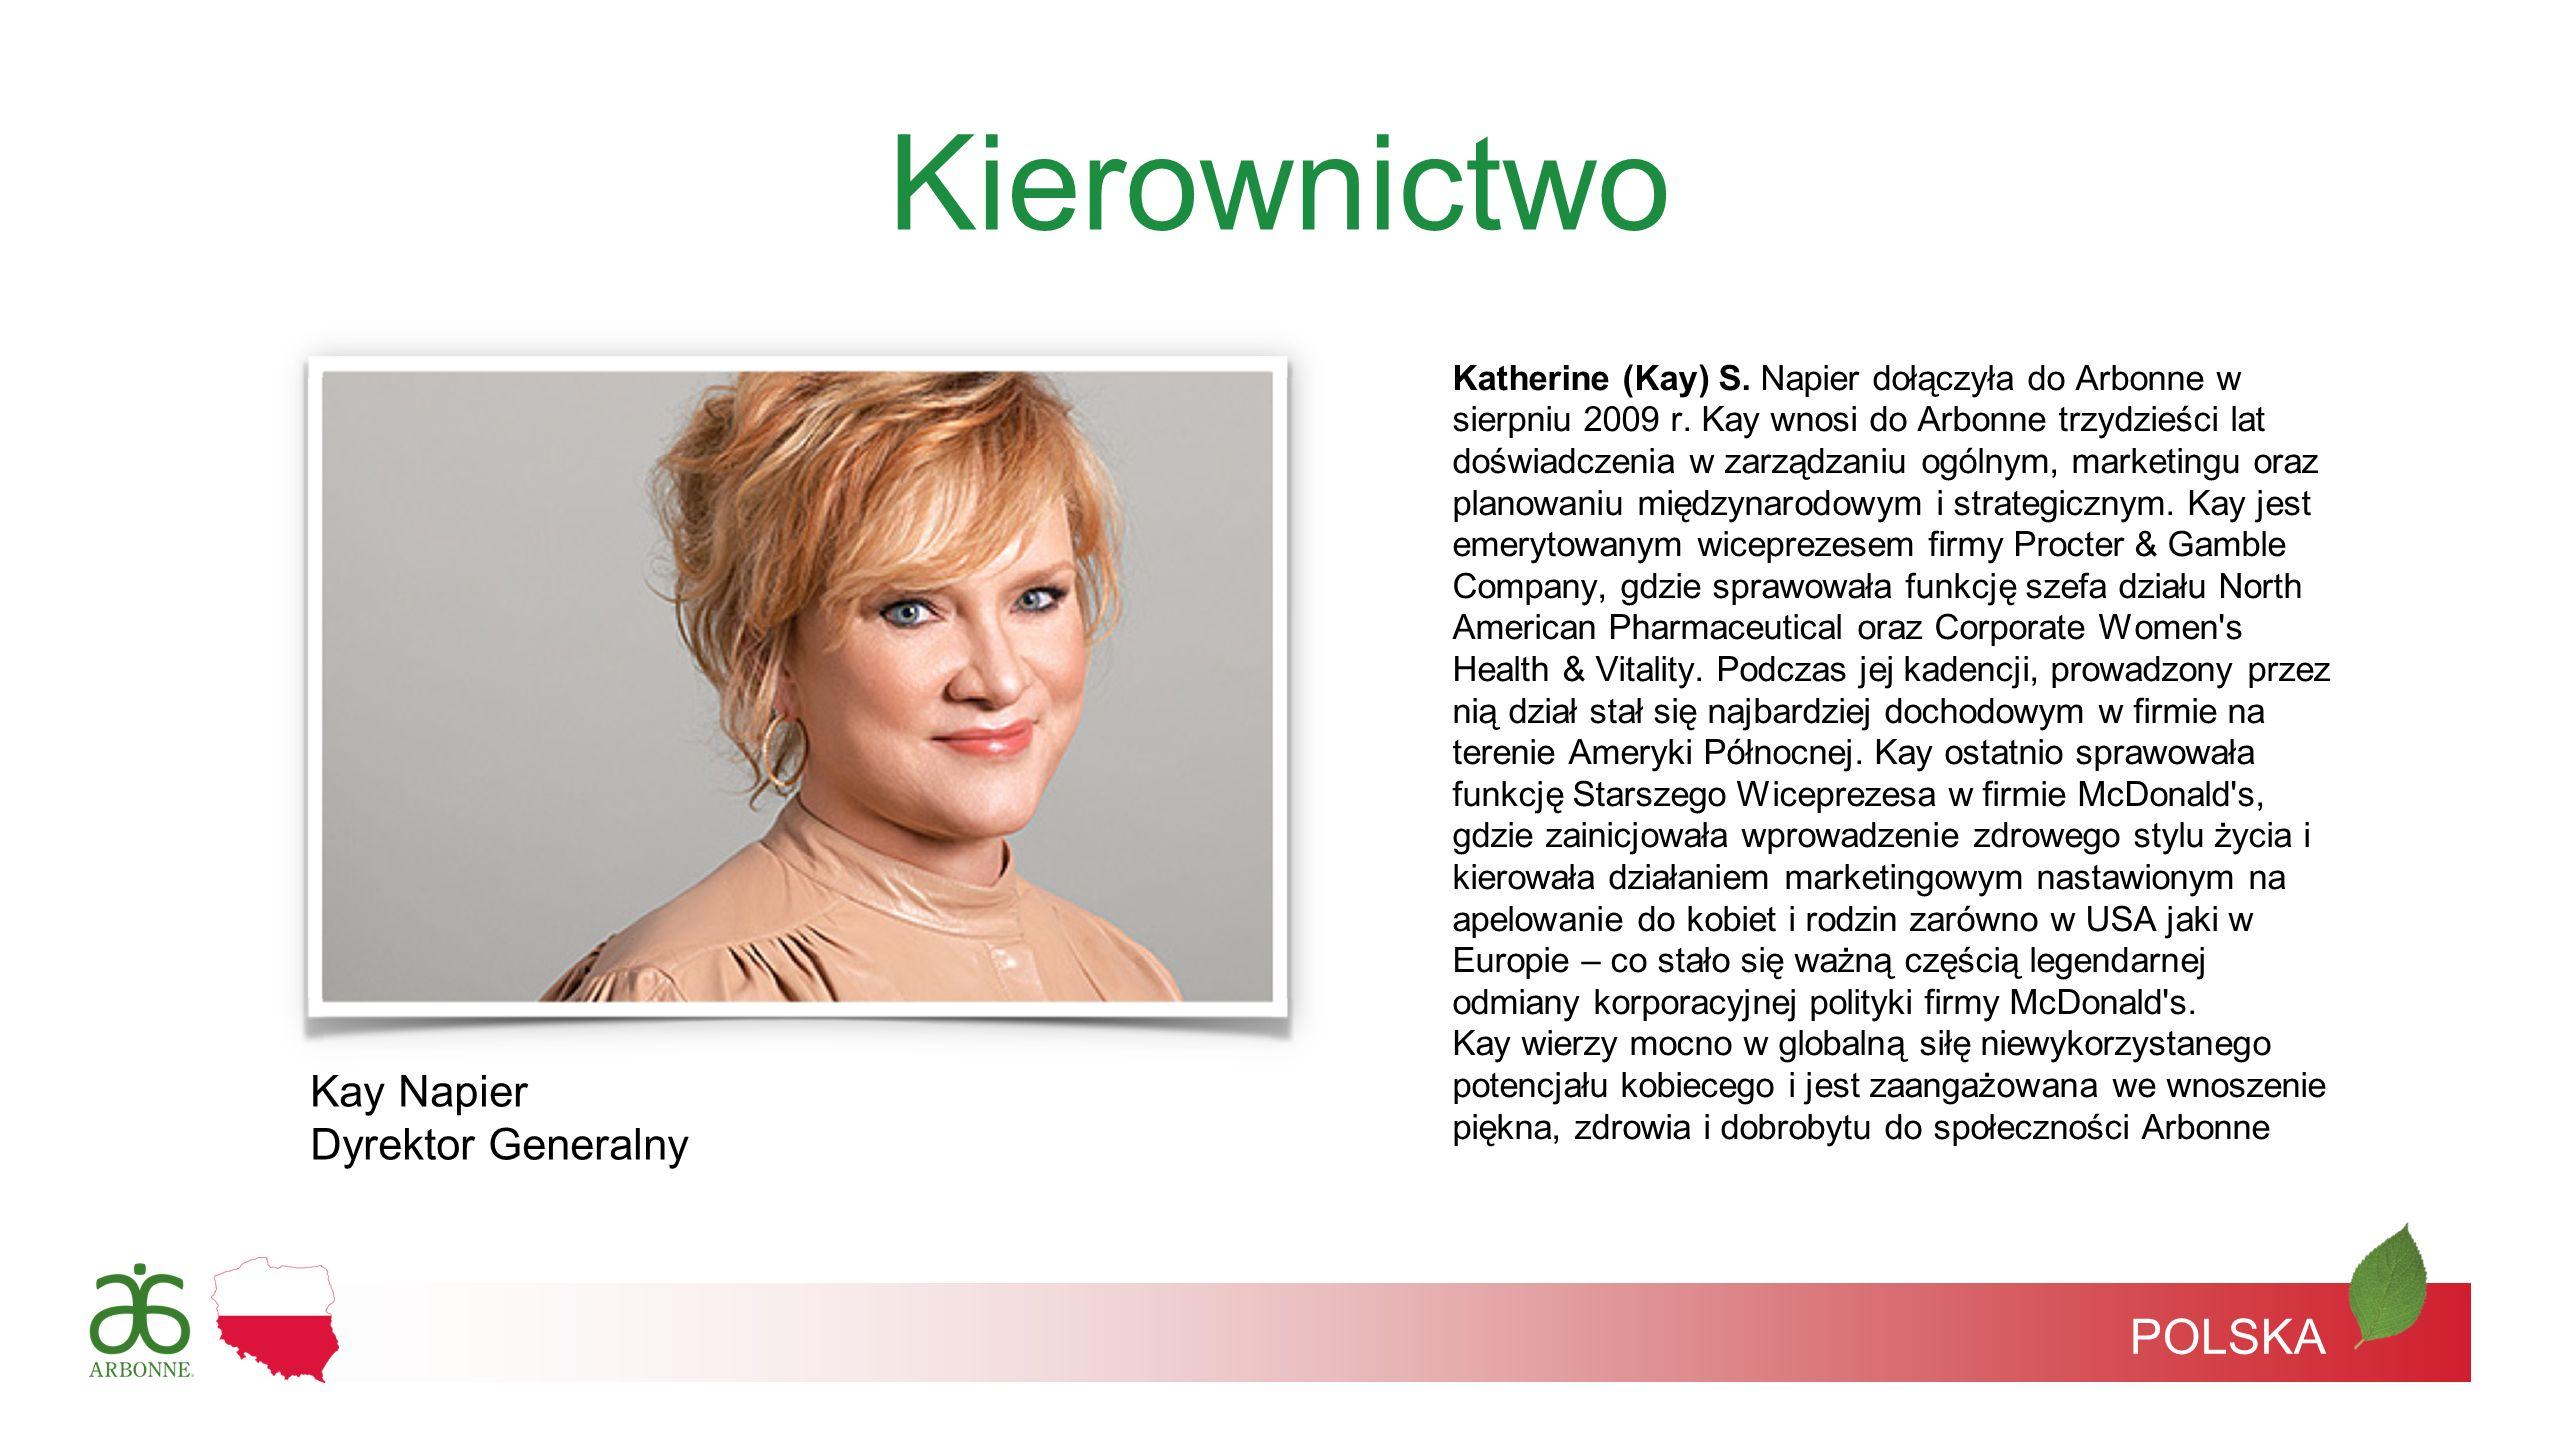 Kierownictwo Katherine (Kay) S. Napier dołączyła do Arbonne w sierpniu 2009 r. Kay wnosi do Arbonne trzydzieści lat doświadczenia w zarządzaniu ogólny